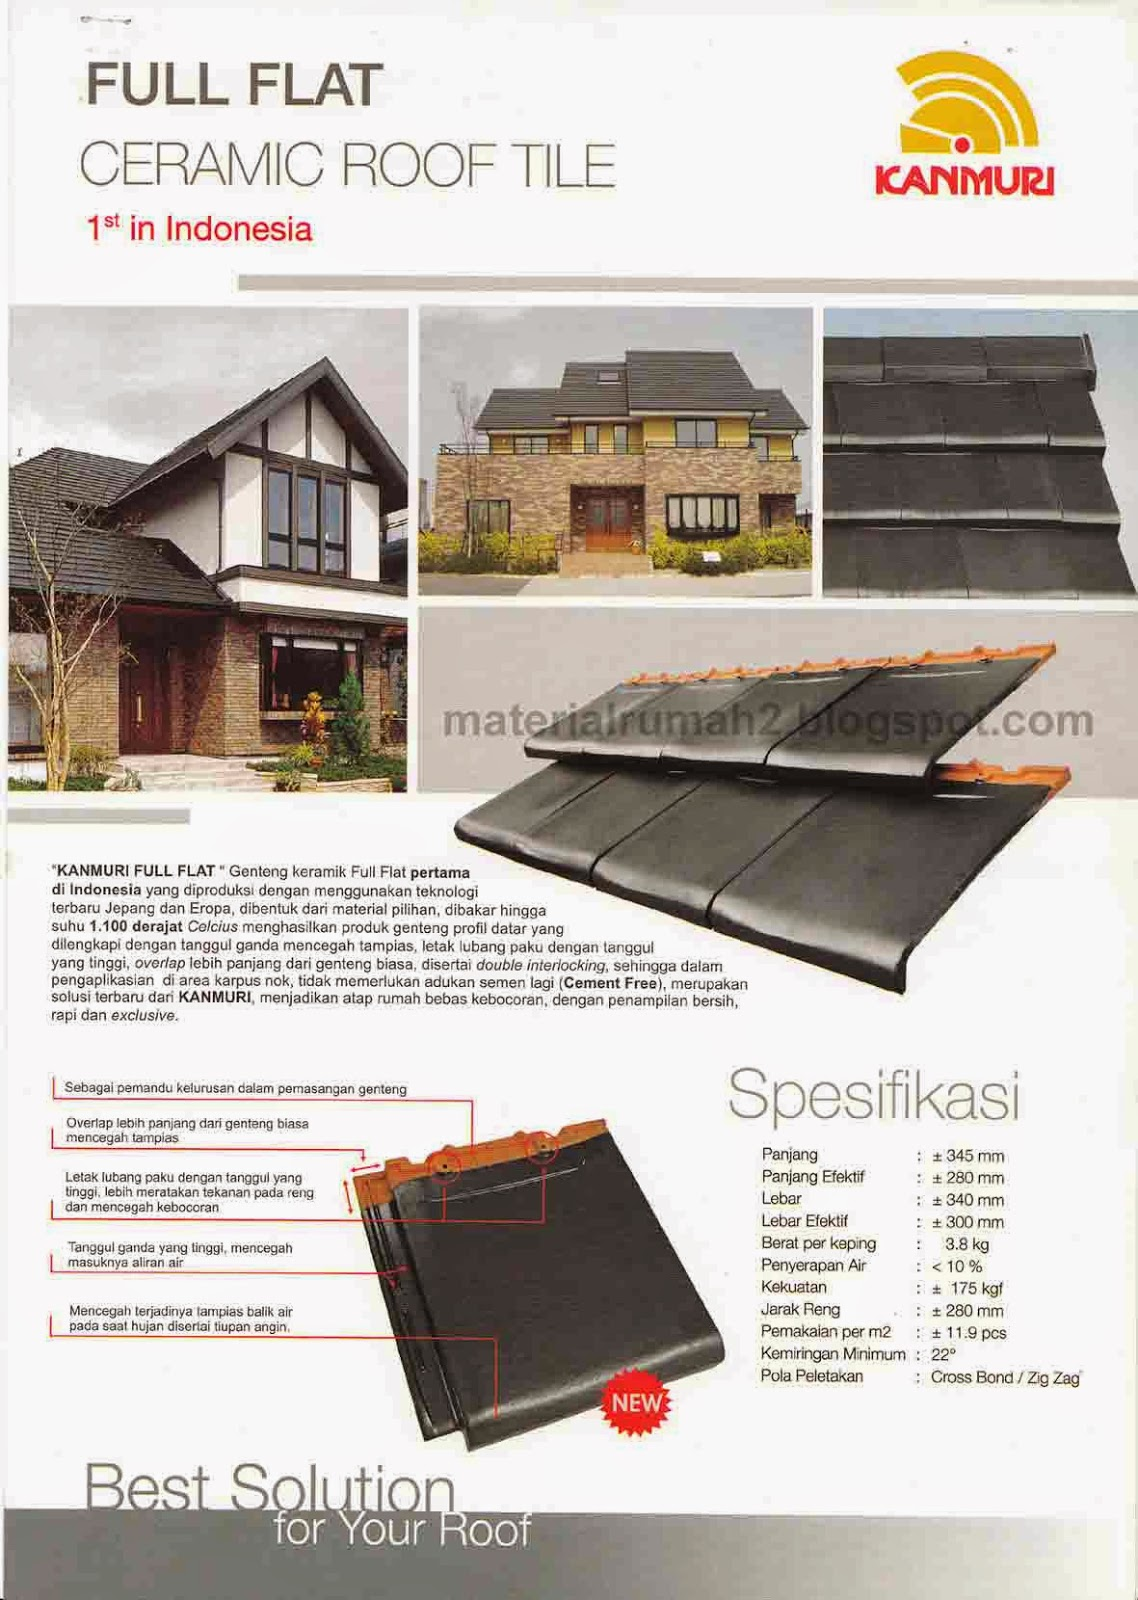 Daftar Harga Genteng Keramik KANMURI FULL FLAT 2014 | Material Rumah